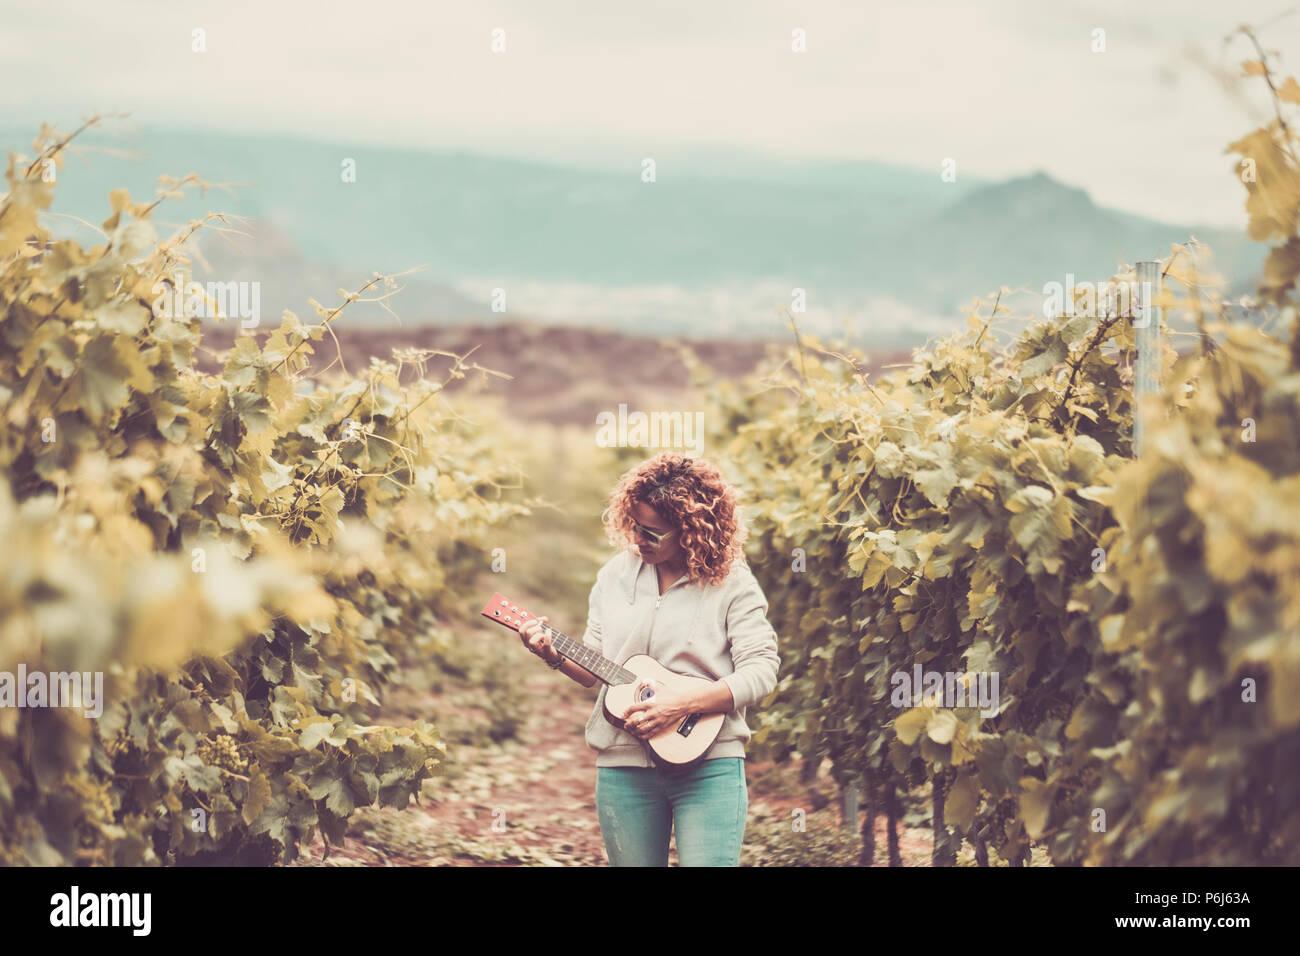 Schön Schön kaukasische Frau allein im Weinberg green background Gesang ein ukulele Akustik Gitarre. Freiheit alternativen Lebensstil hippy con Stockbild